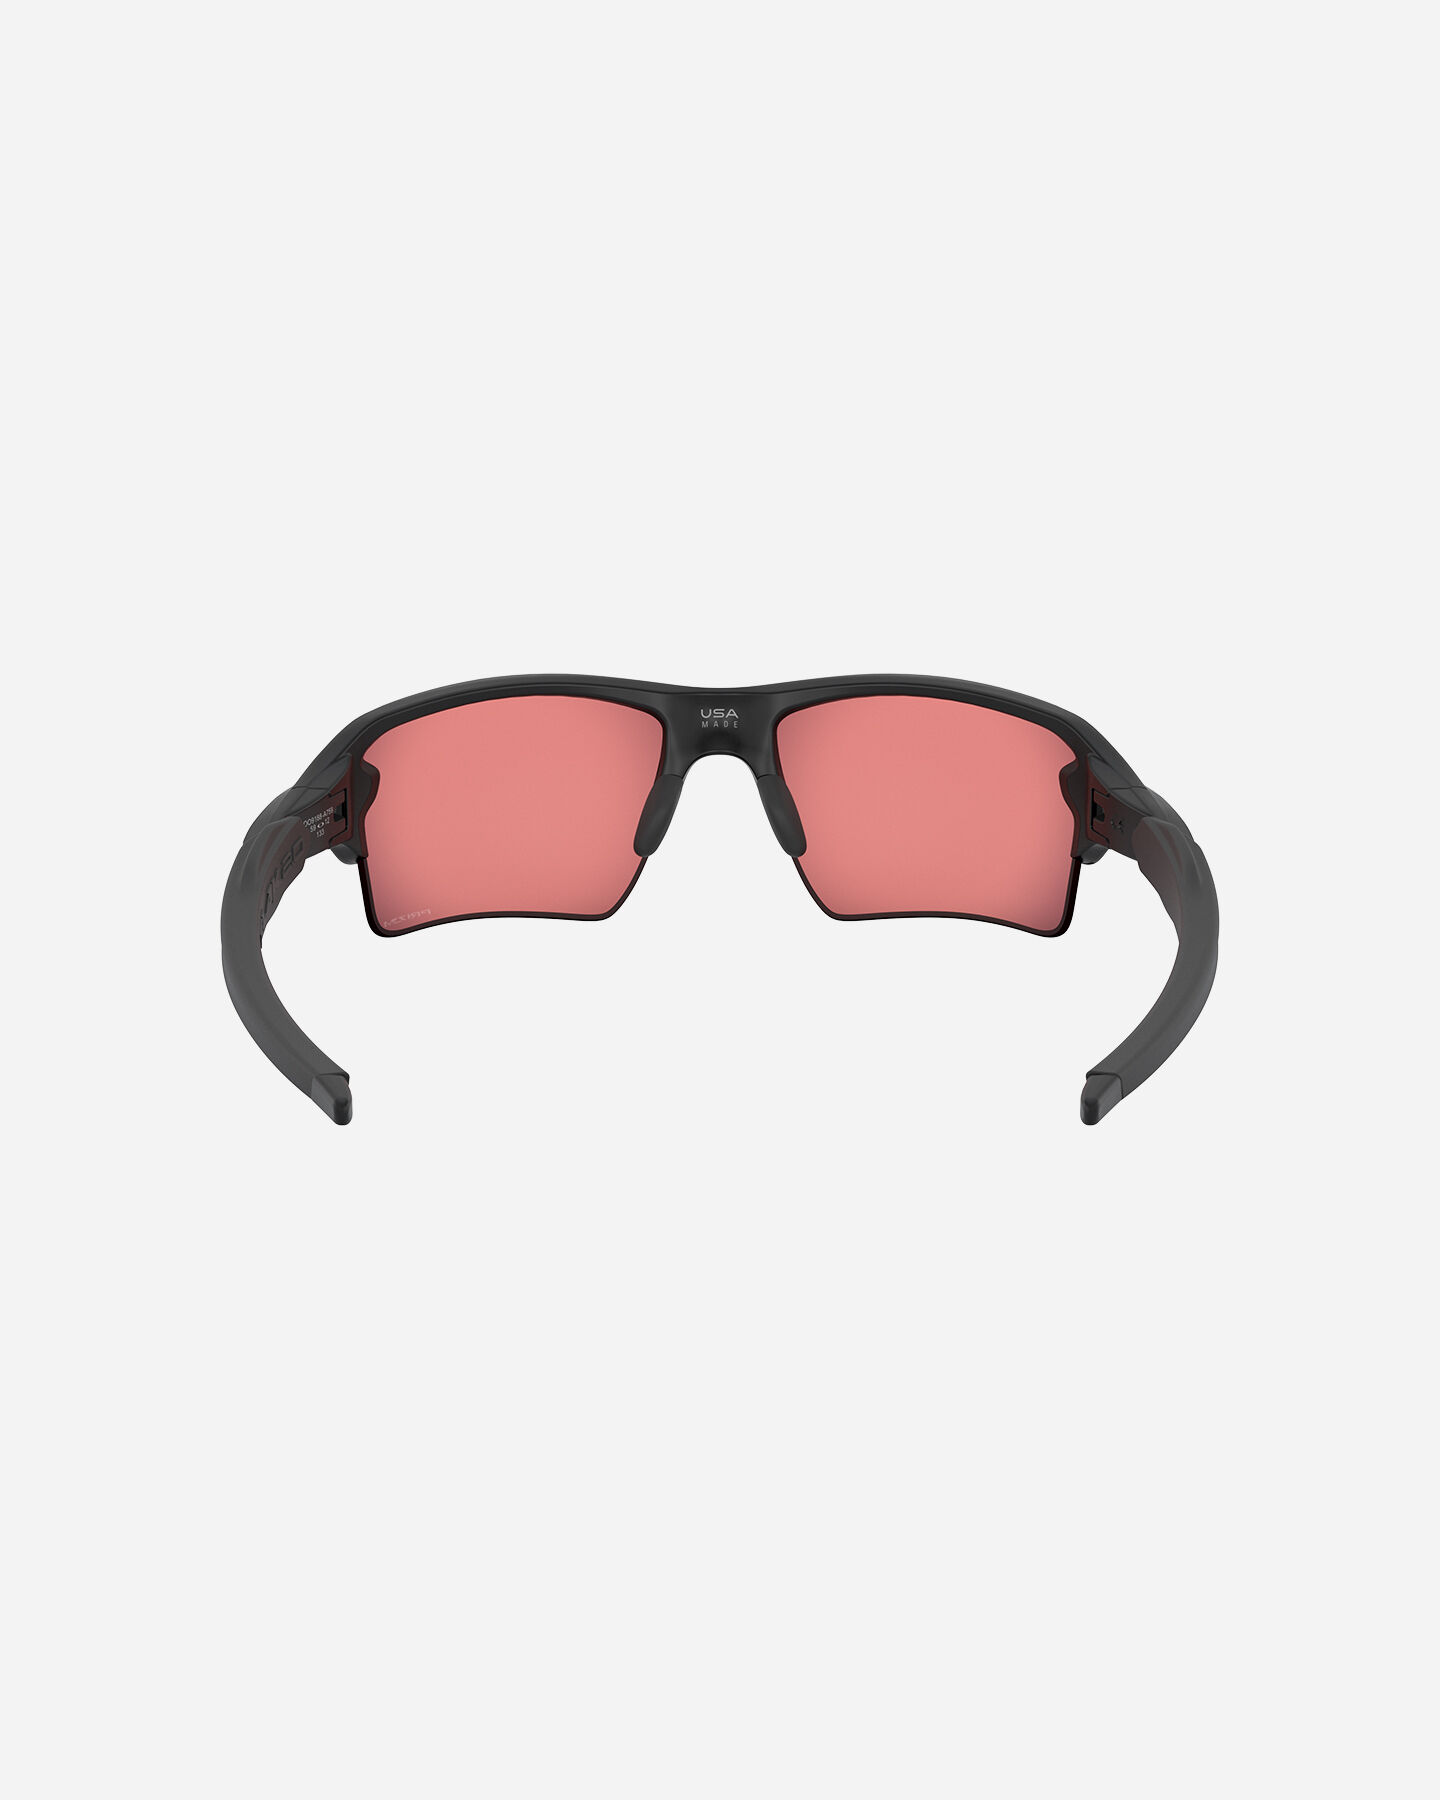 Occhiali OAKLEY FLAK 2.0 XL S5158966|A759|59 scatto 2